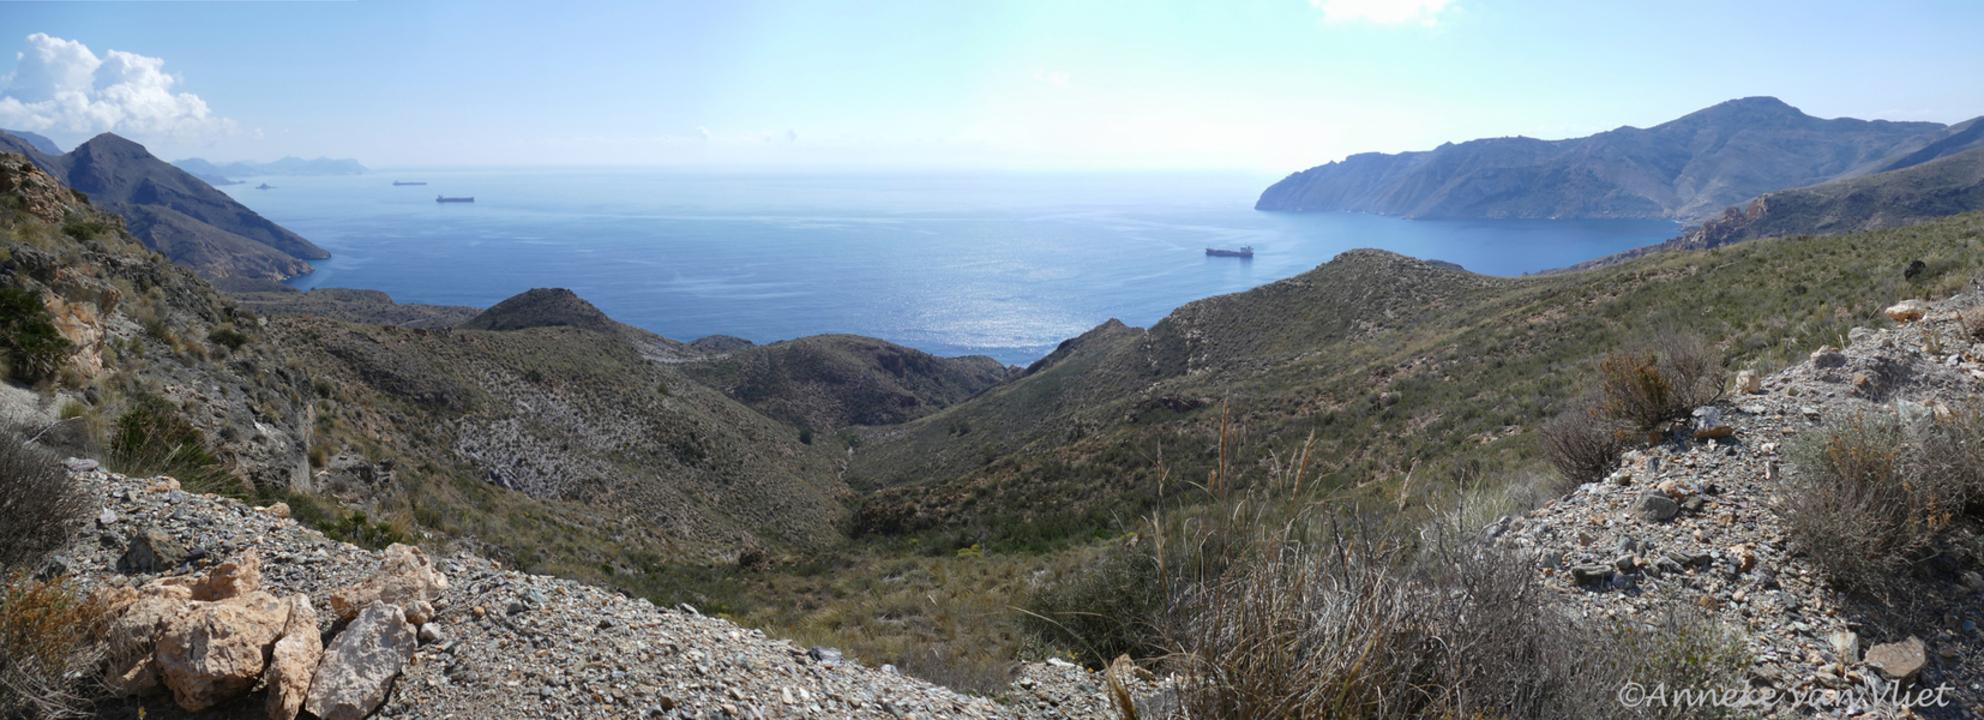 Baai ten westen van Cartagena - Deze opname is van maart, tijdens een wandeling langs de kust. - foto door AnnekevanVliet op 17-05-2016